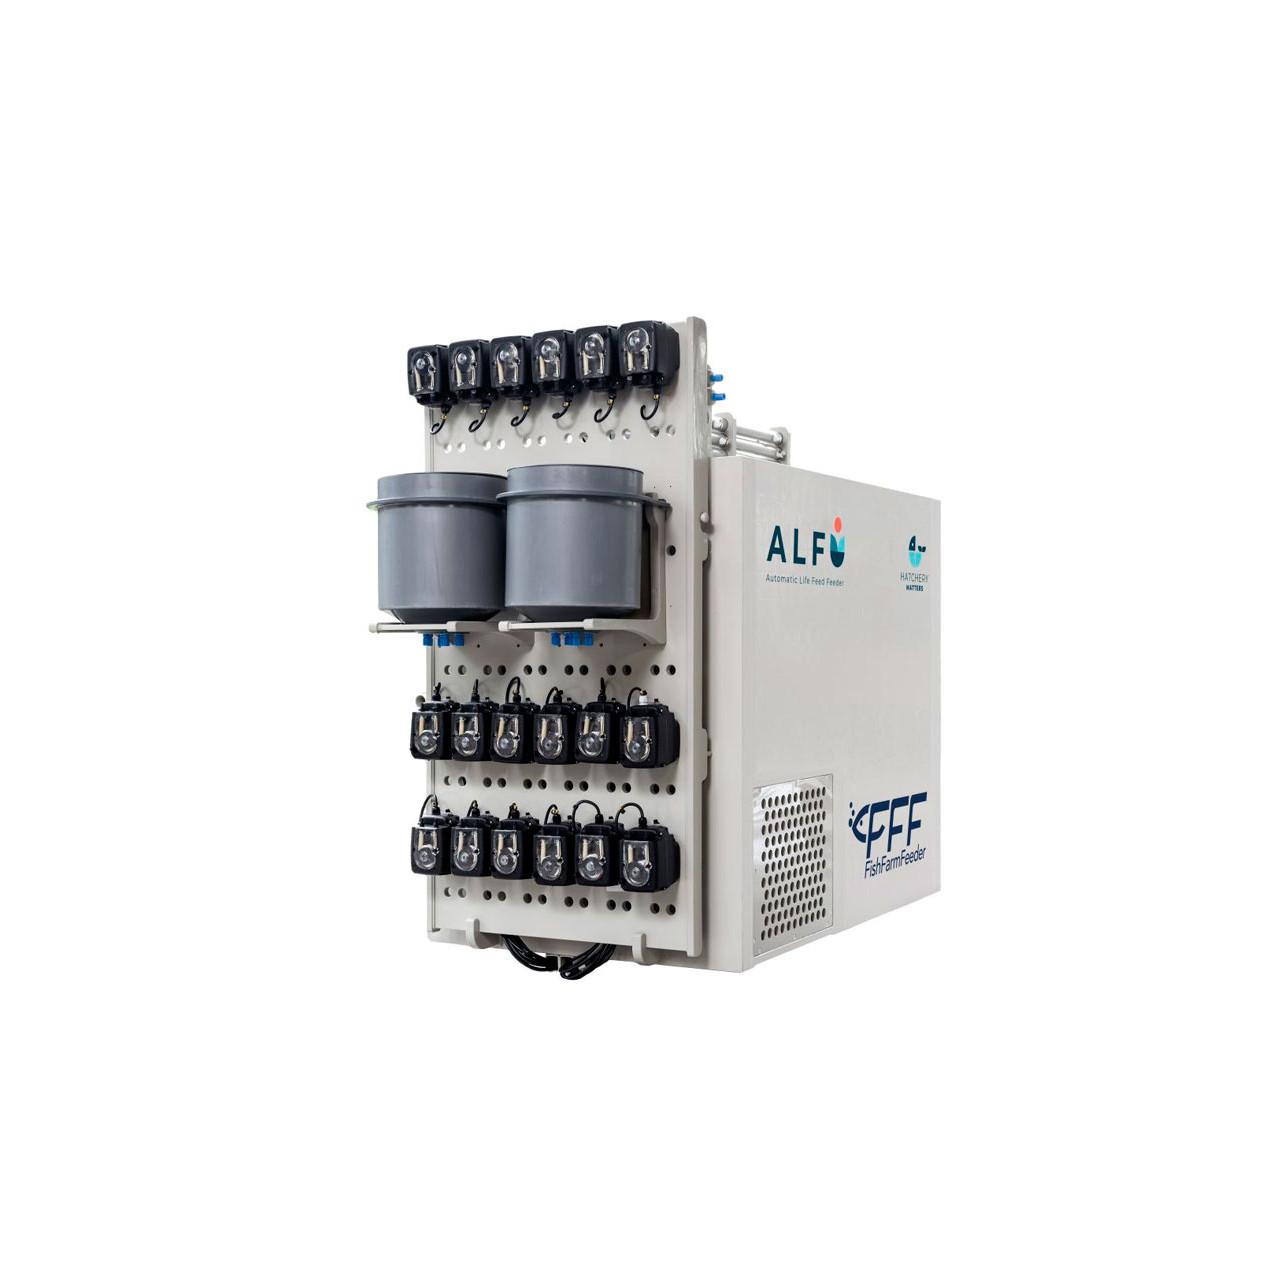 Sistema de alimentación automatizado para laboratorios, universidades, centros de investigación y pequeñas hatcheries pienso vivo FFF